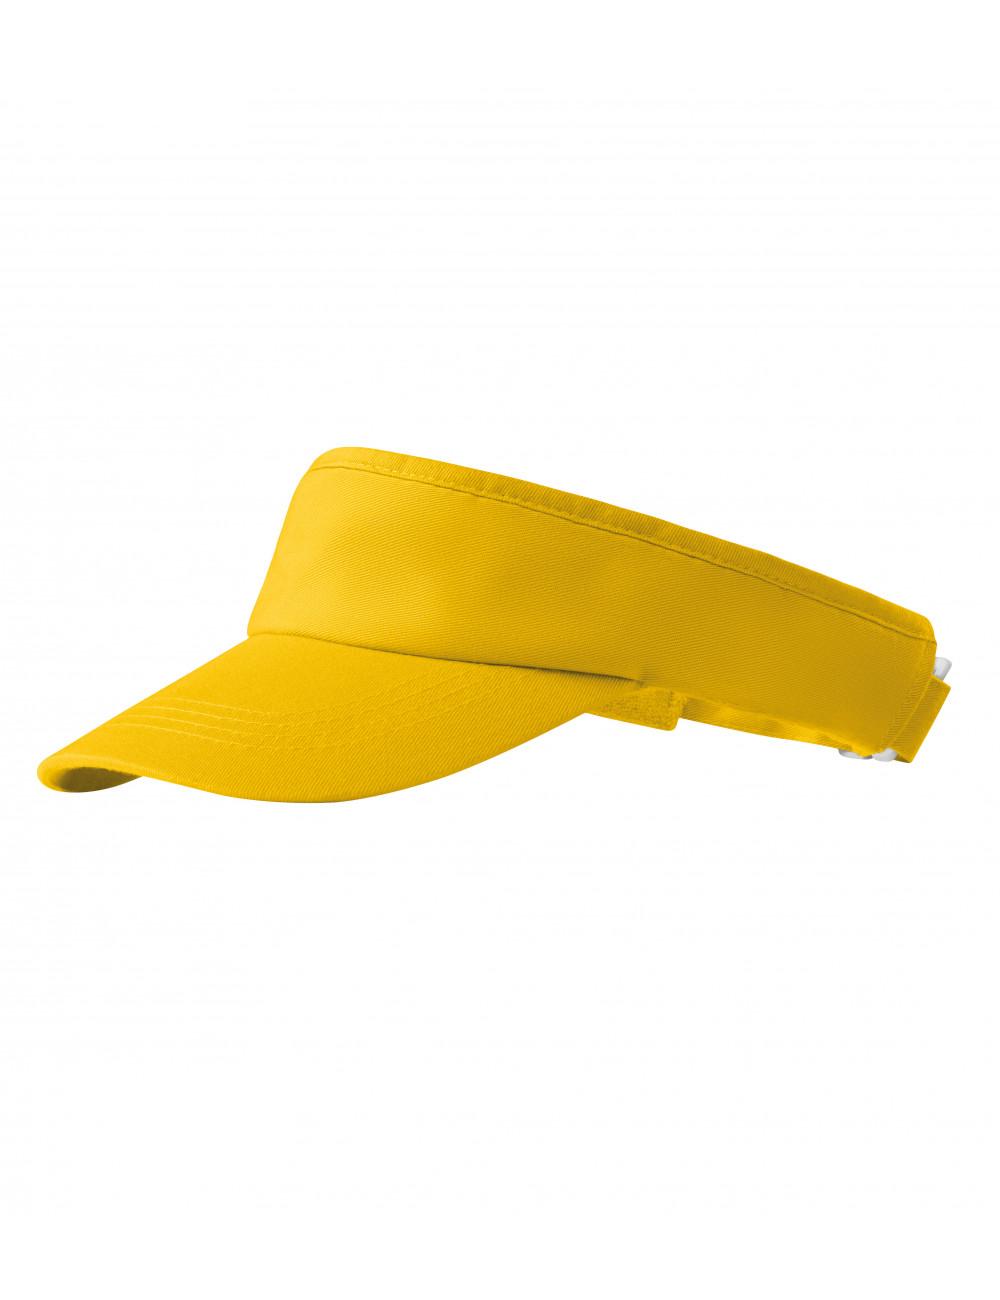 Adler MALFINI Daszki unisex Sunvisor 310 żółty